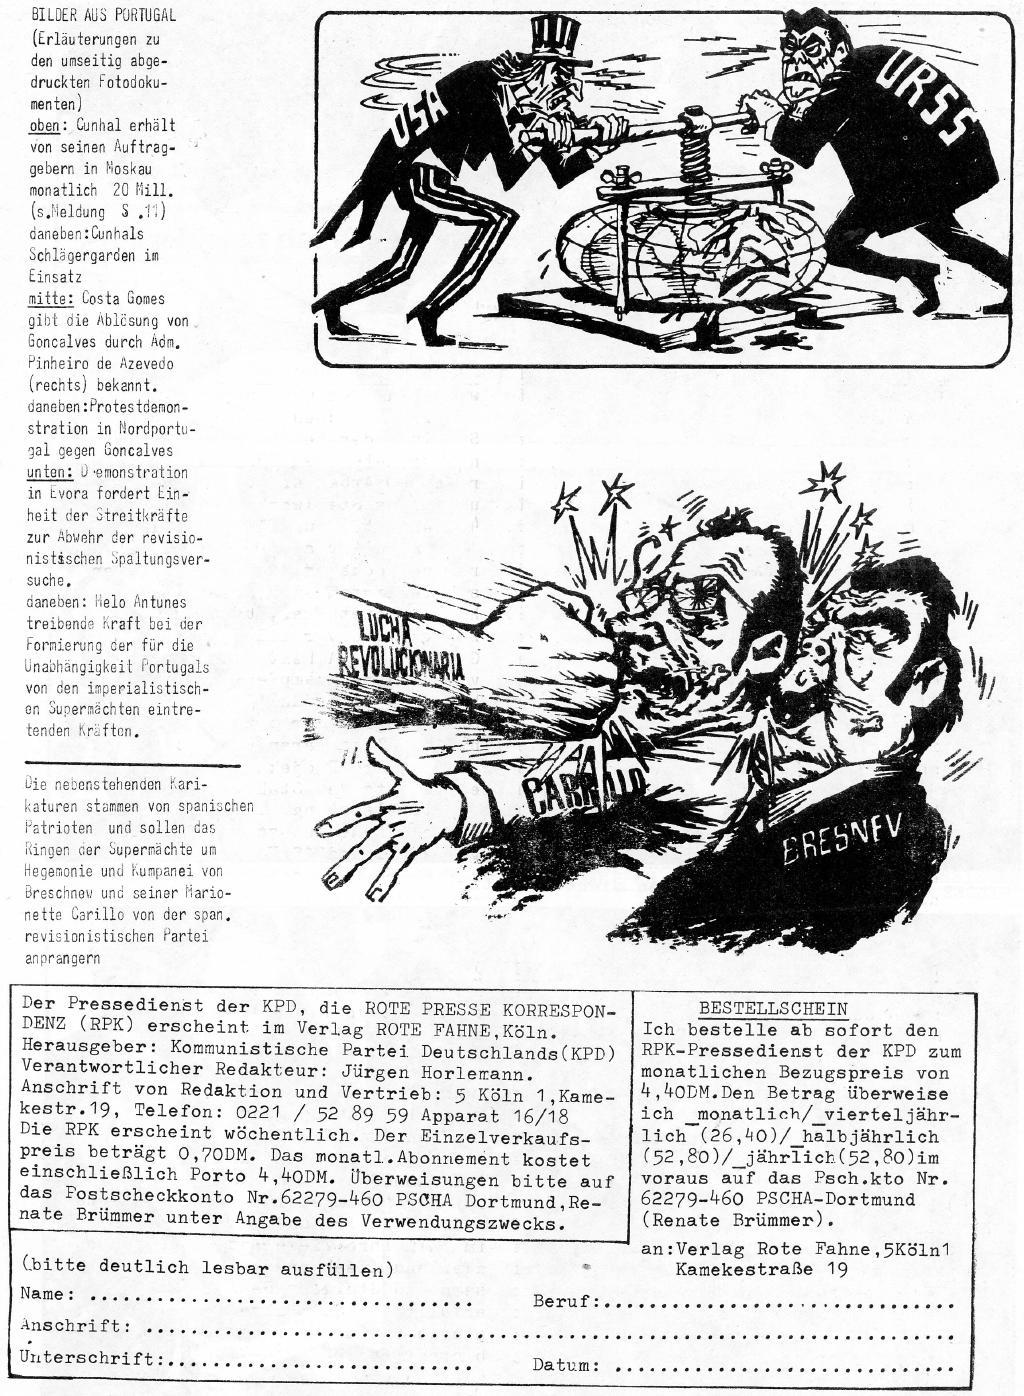 RPK_Pressedienst_1975_41_15